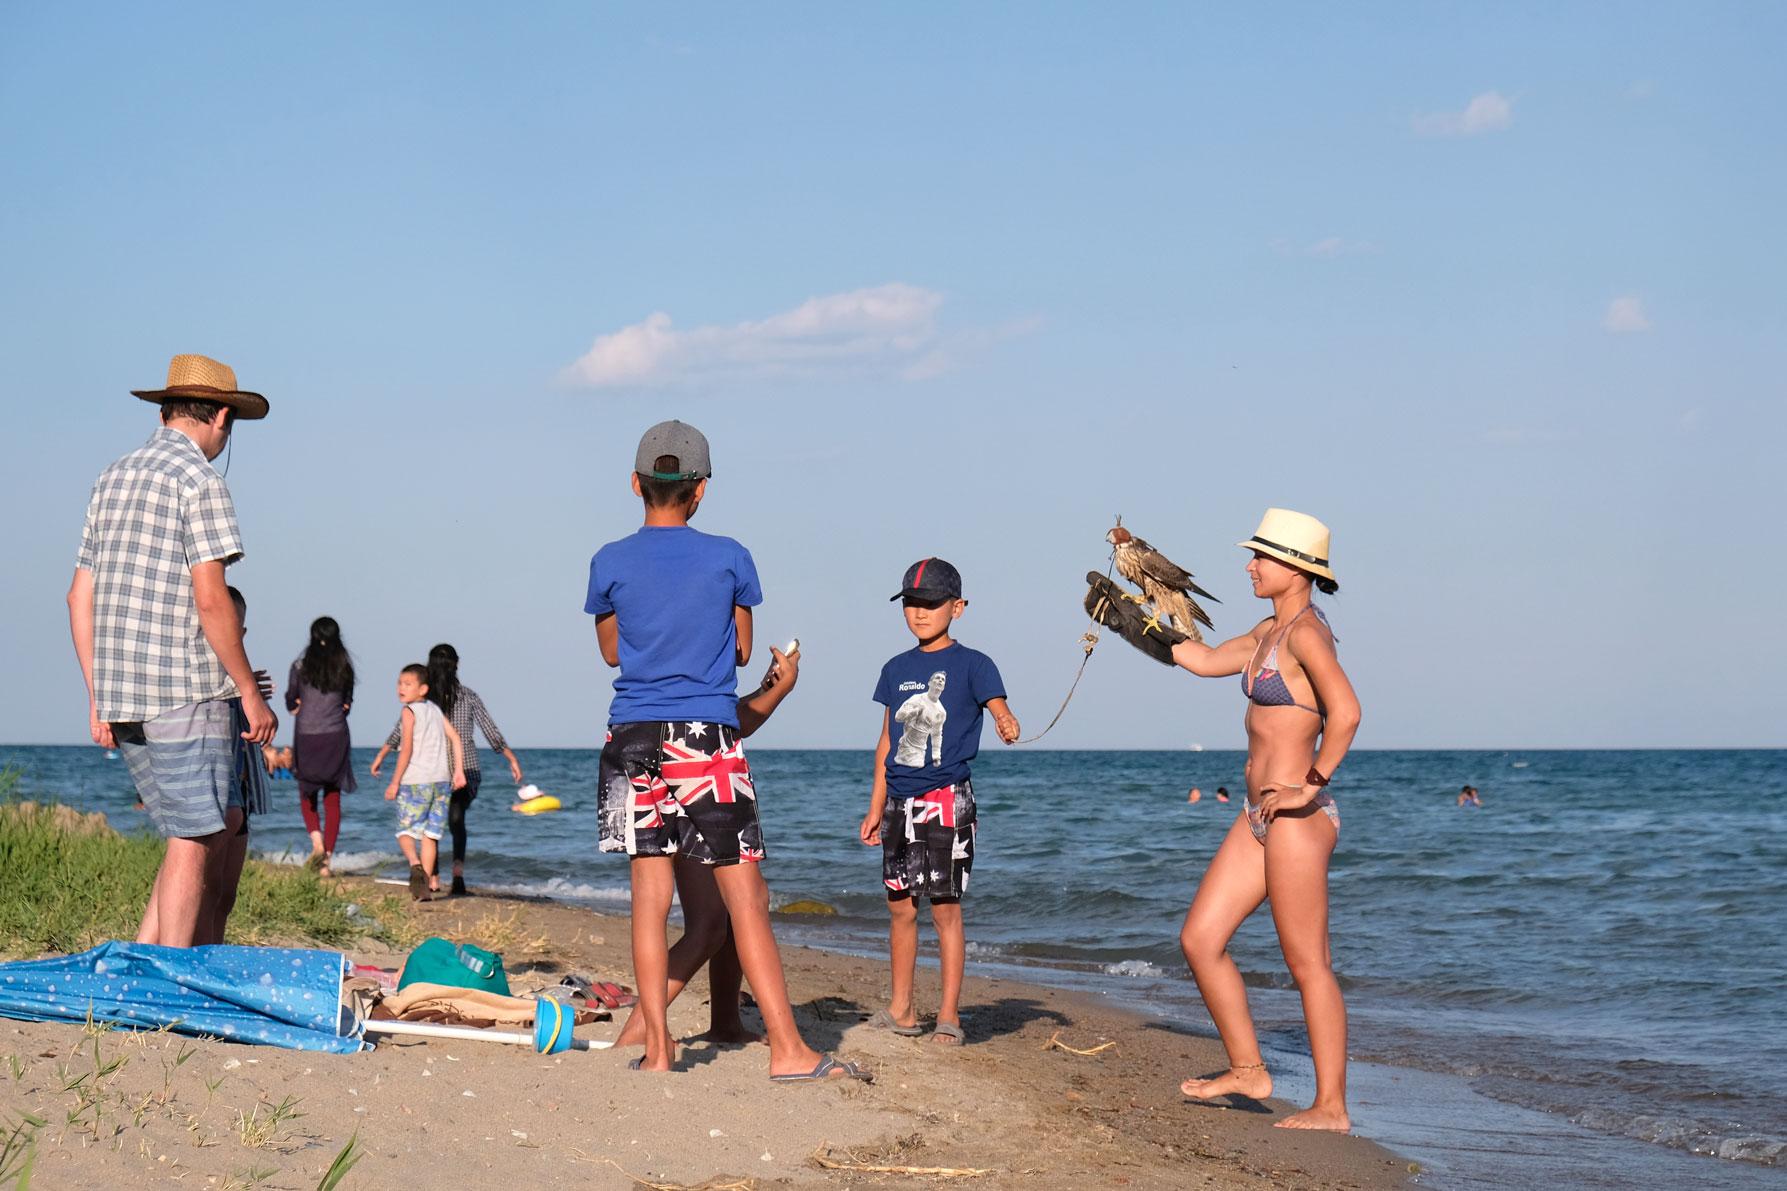 Eine Frau in Bikini hält am Uder des Issyk-Kul einen Falken auf dem Arm.